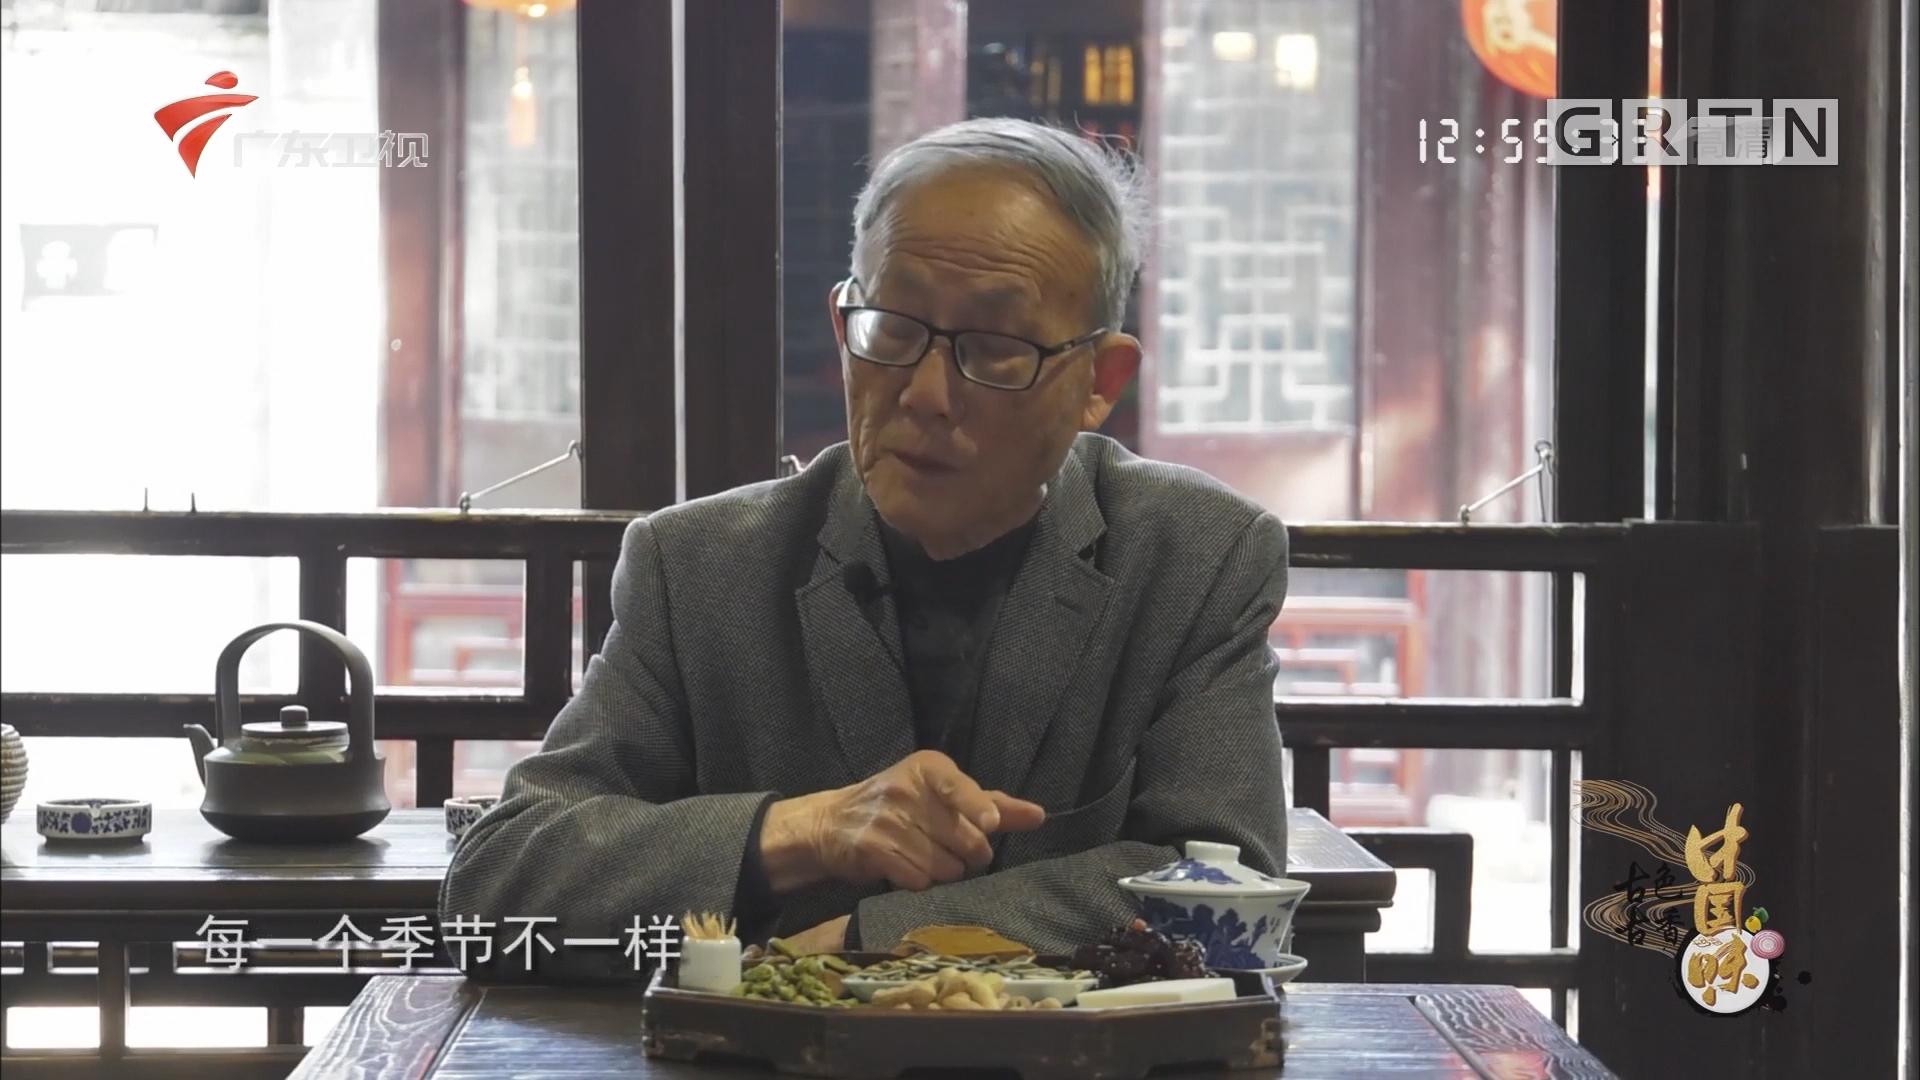 [2017-07-14]古色古香中国味:魂兮归来是周庄